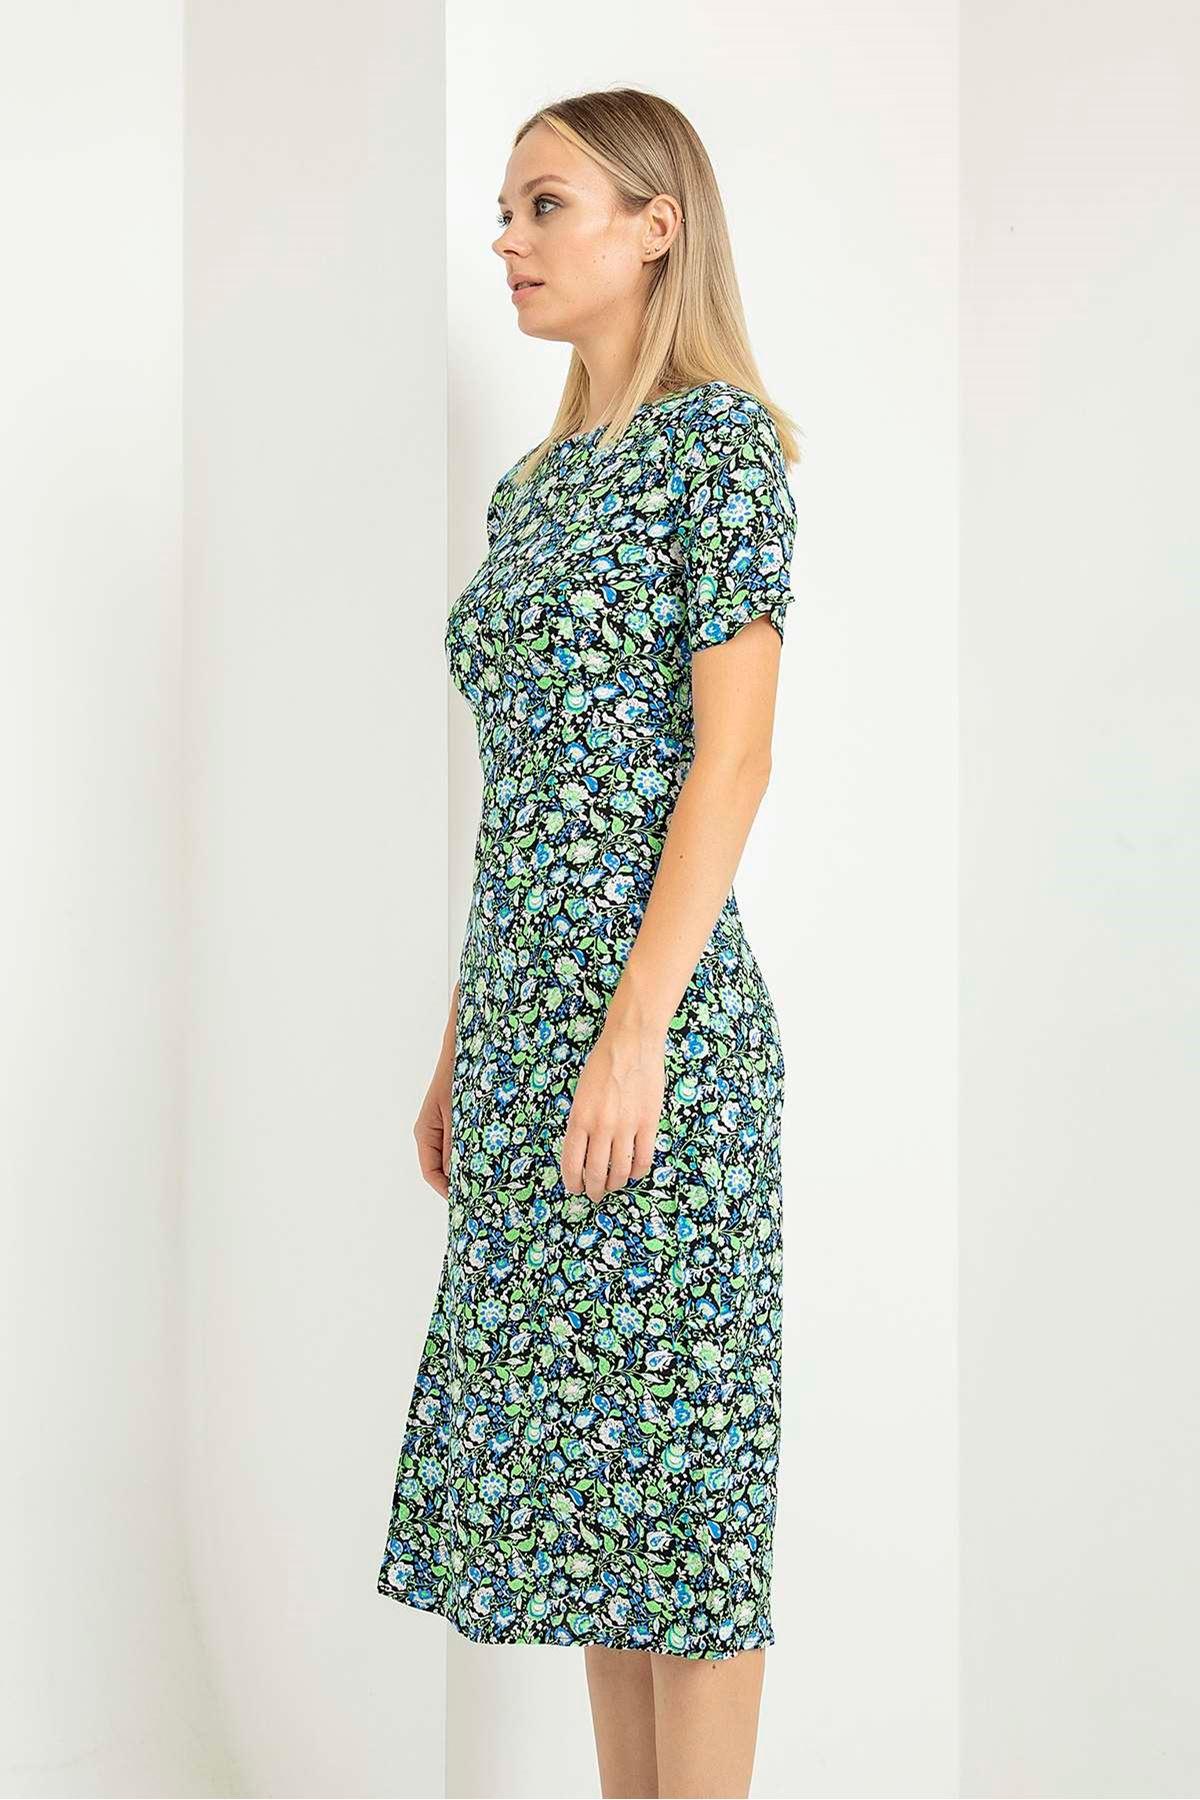 Yaprak Şal Desen Kısa Kol Elbise-Yeşil